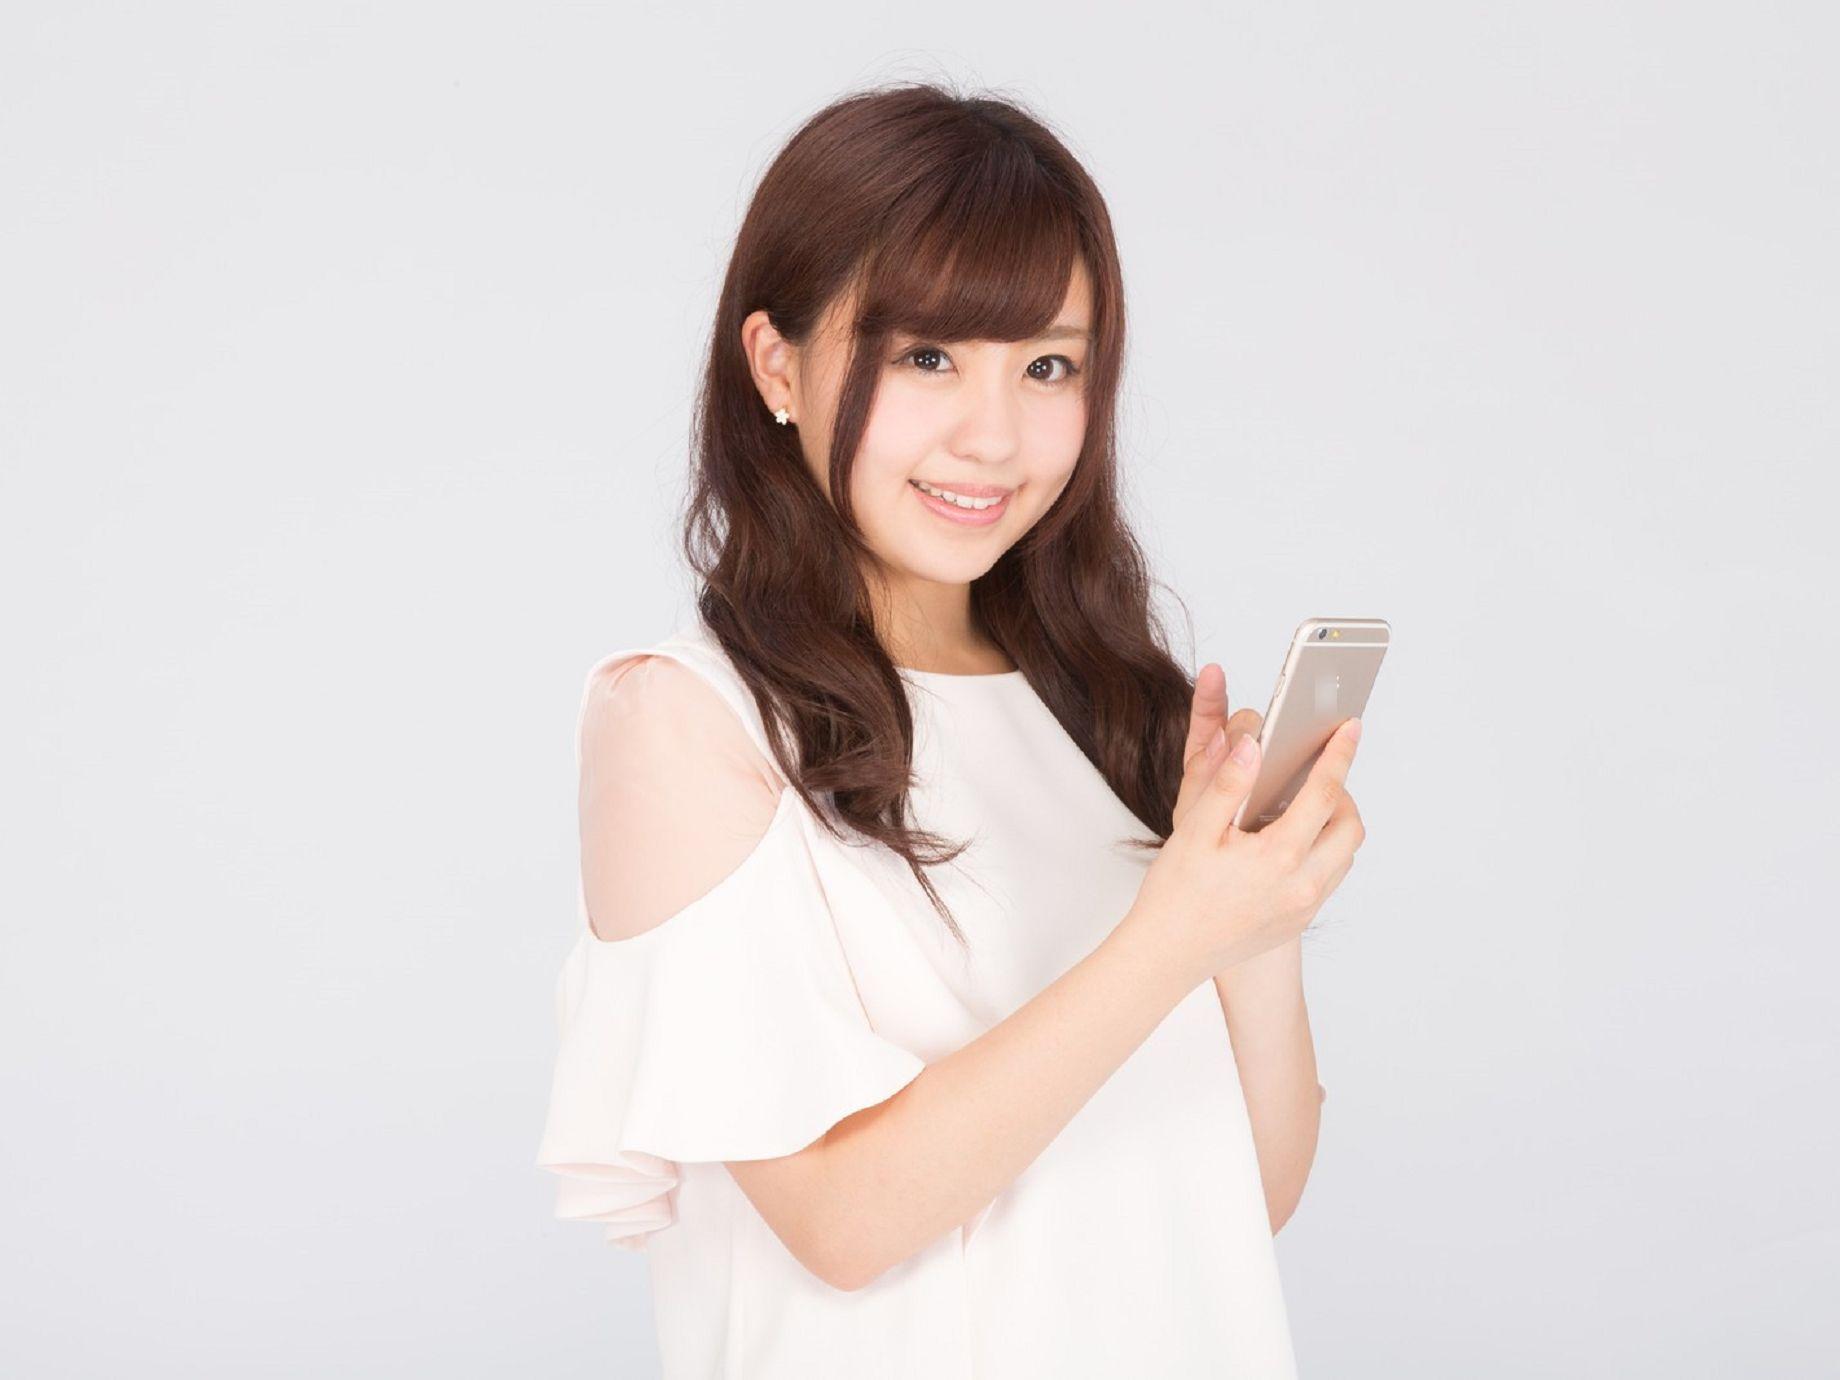 亞洲數位銀行興起,用「手機」單挑「傳統銀行分行」